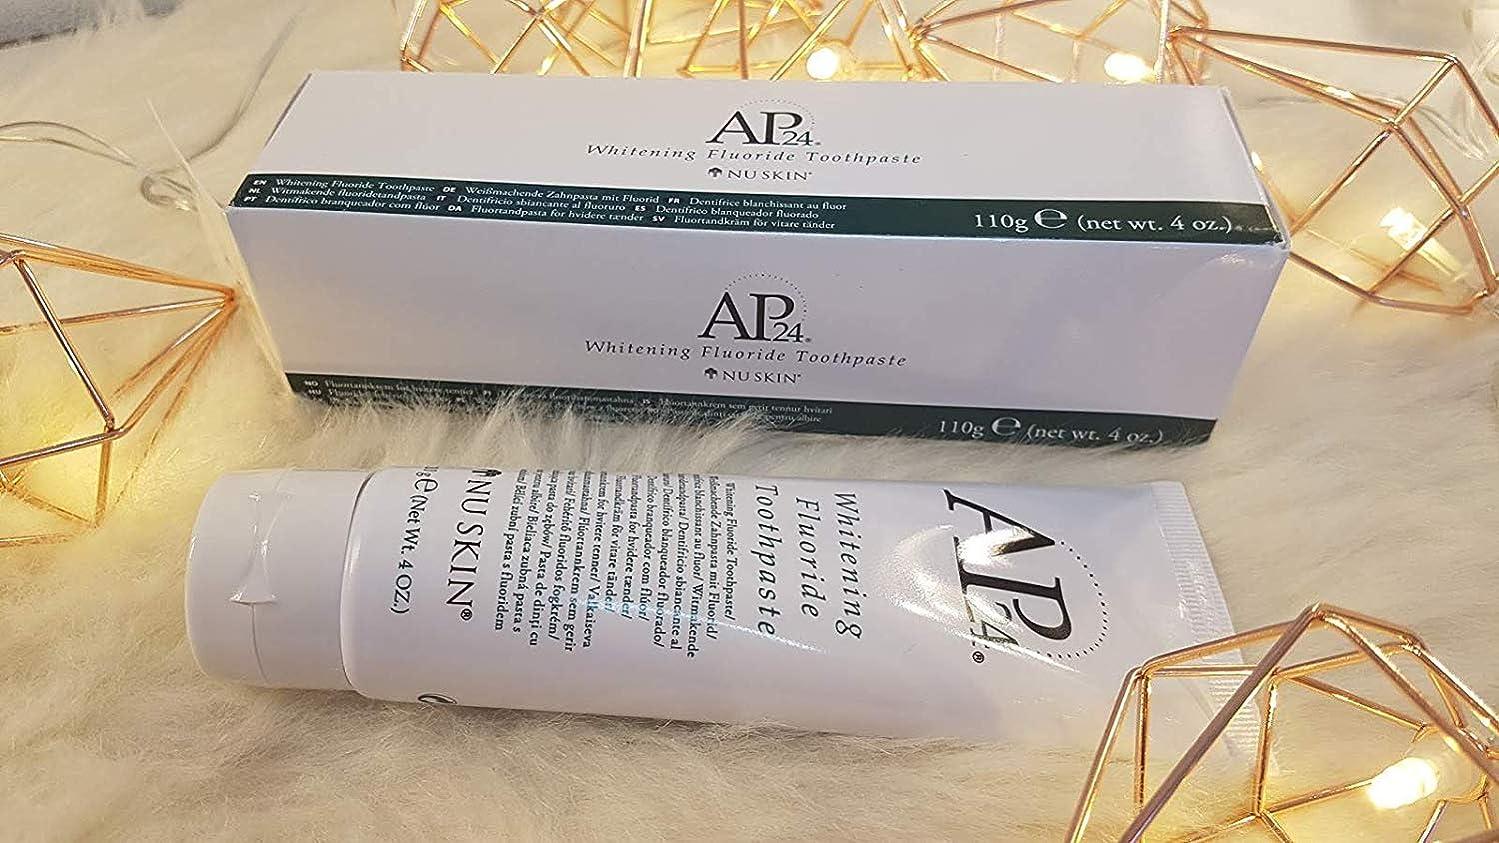 パンツ効率延ばすヌースキンAP24ホワイトニングフッ化物練り歯磨き - 110g